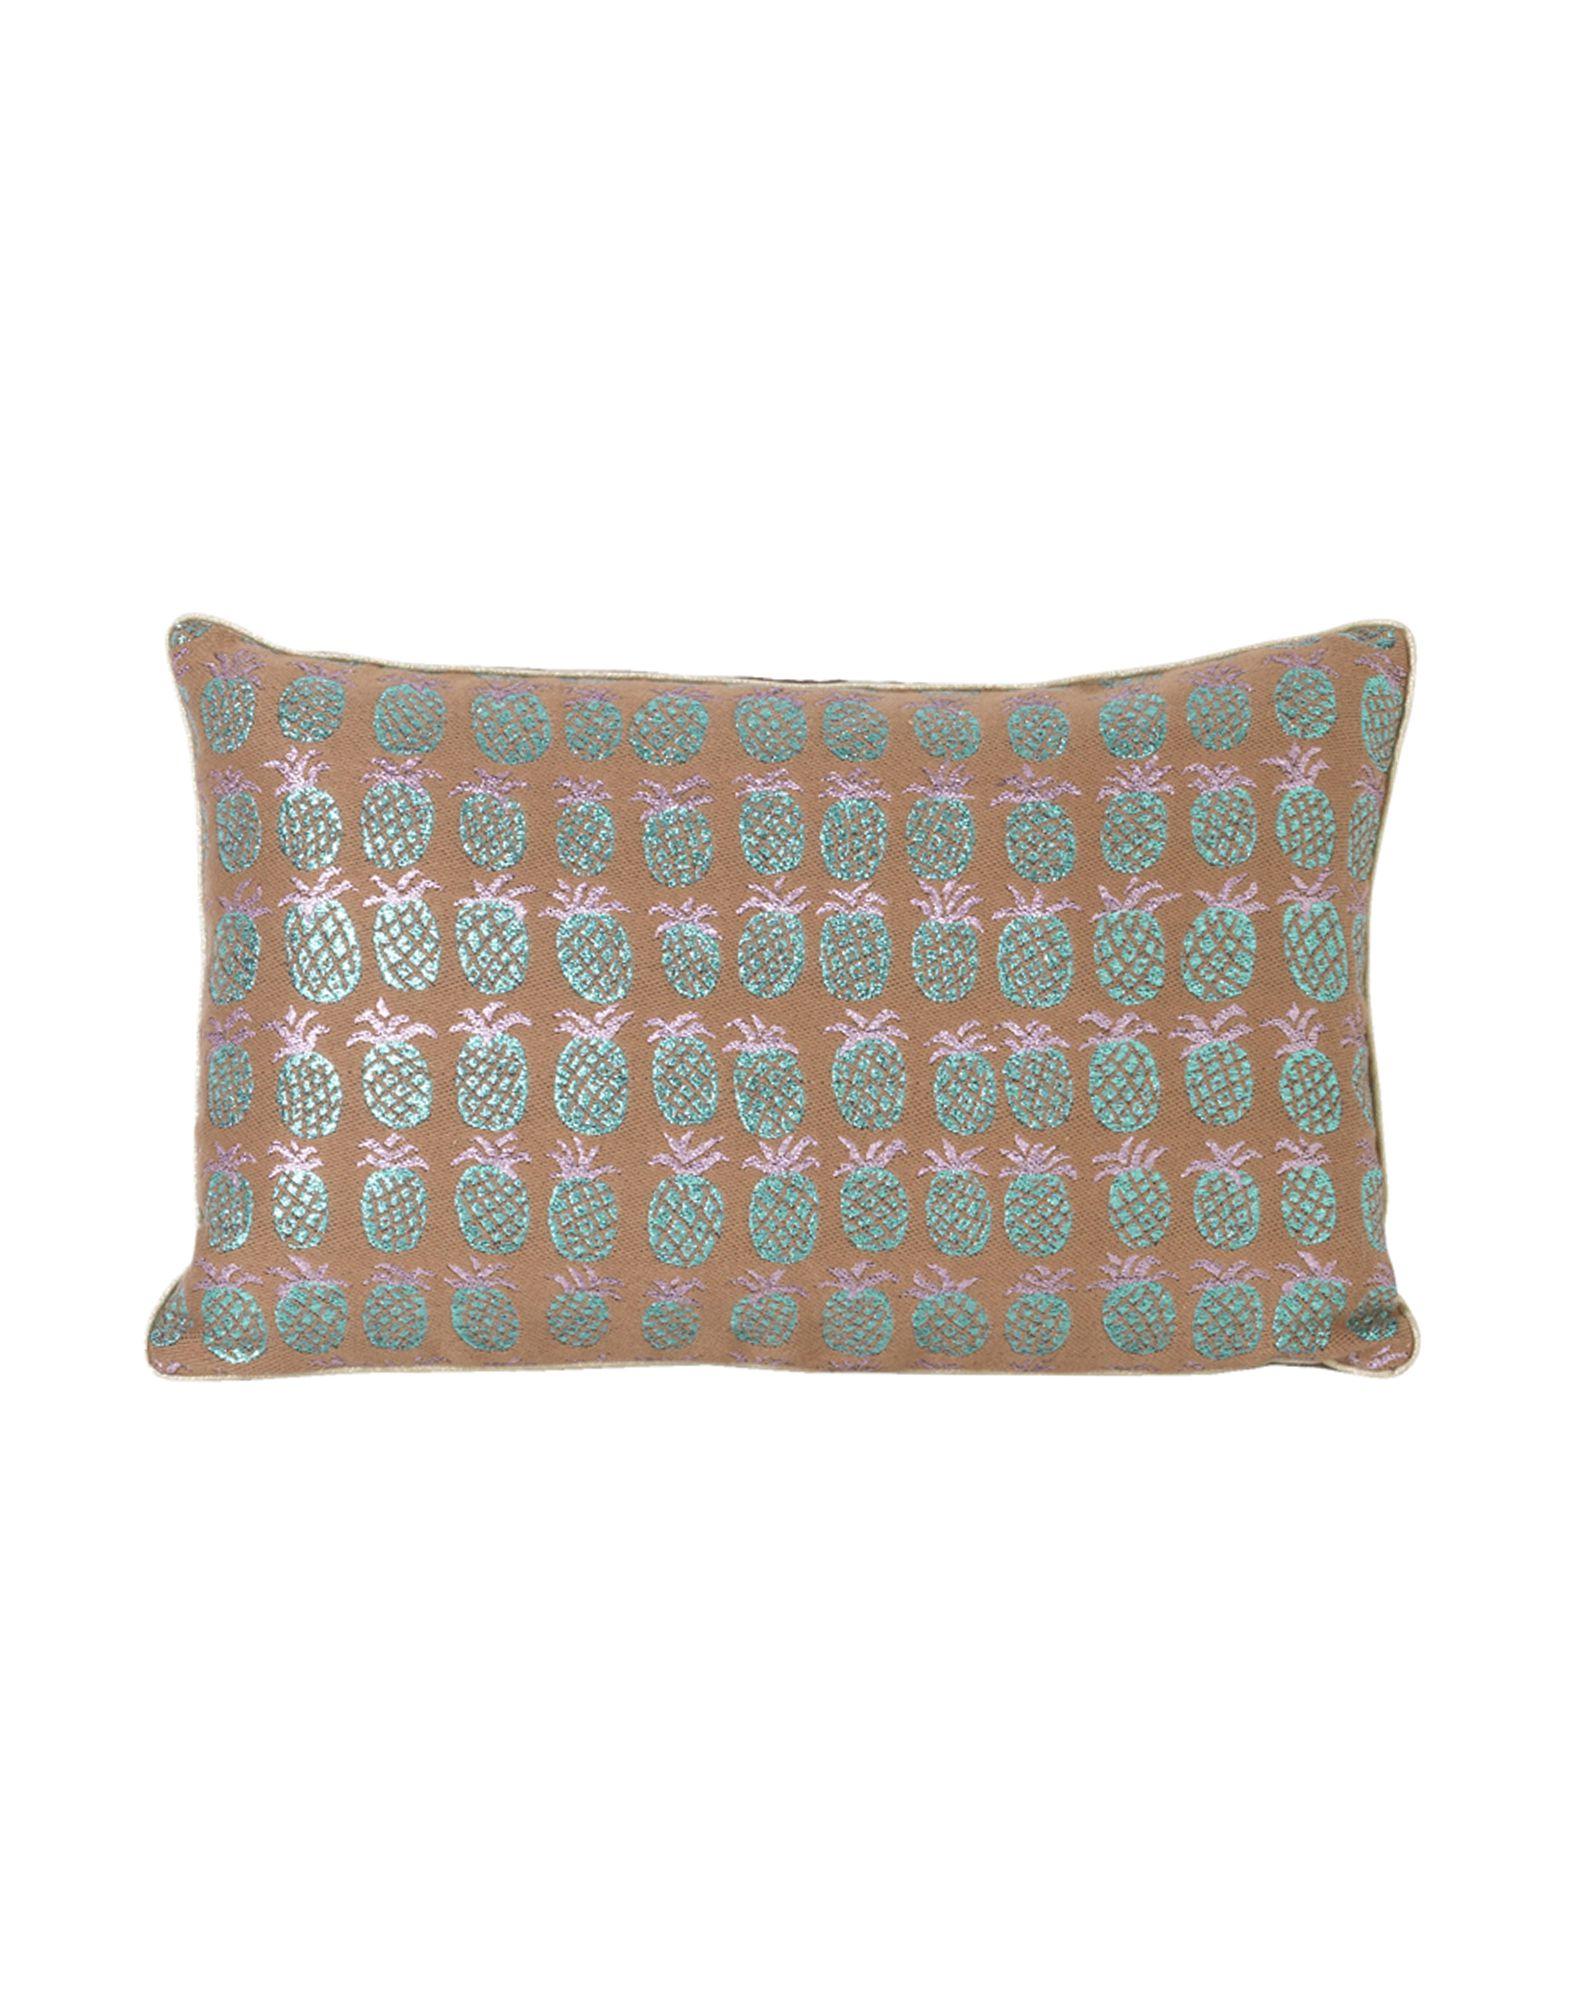 Attirant FERM LIVING Pillows   Home Accessories | YOOX.COM